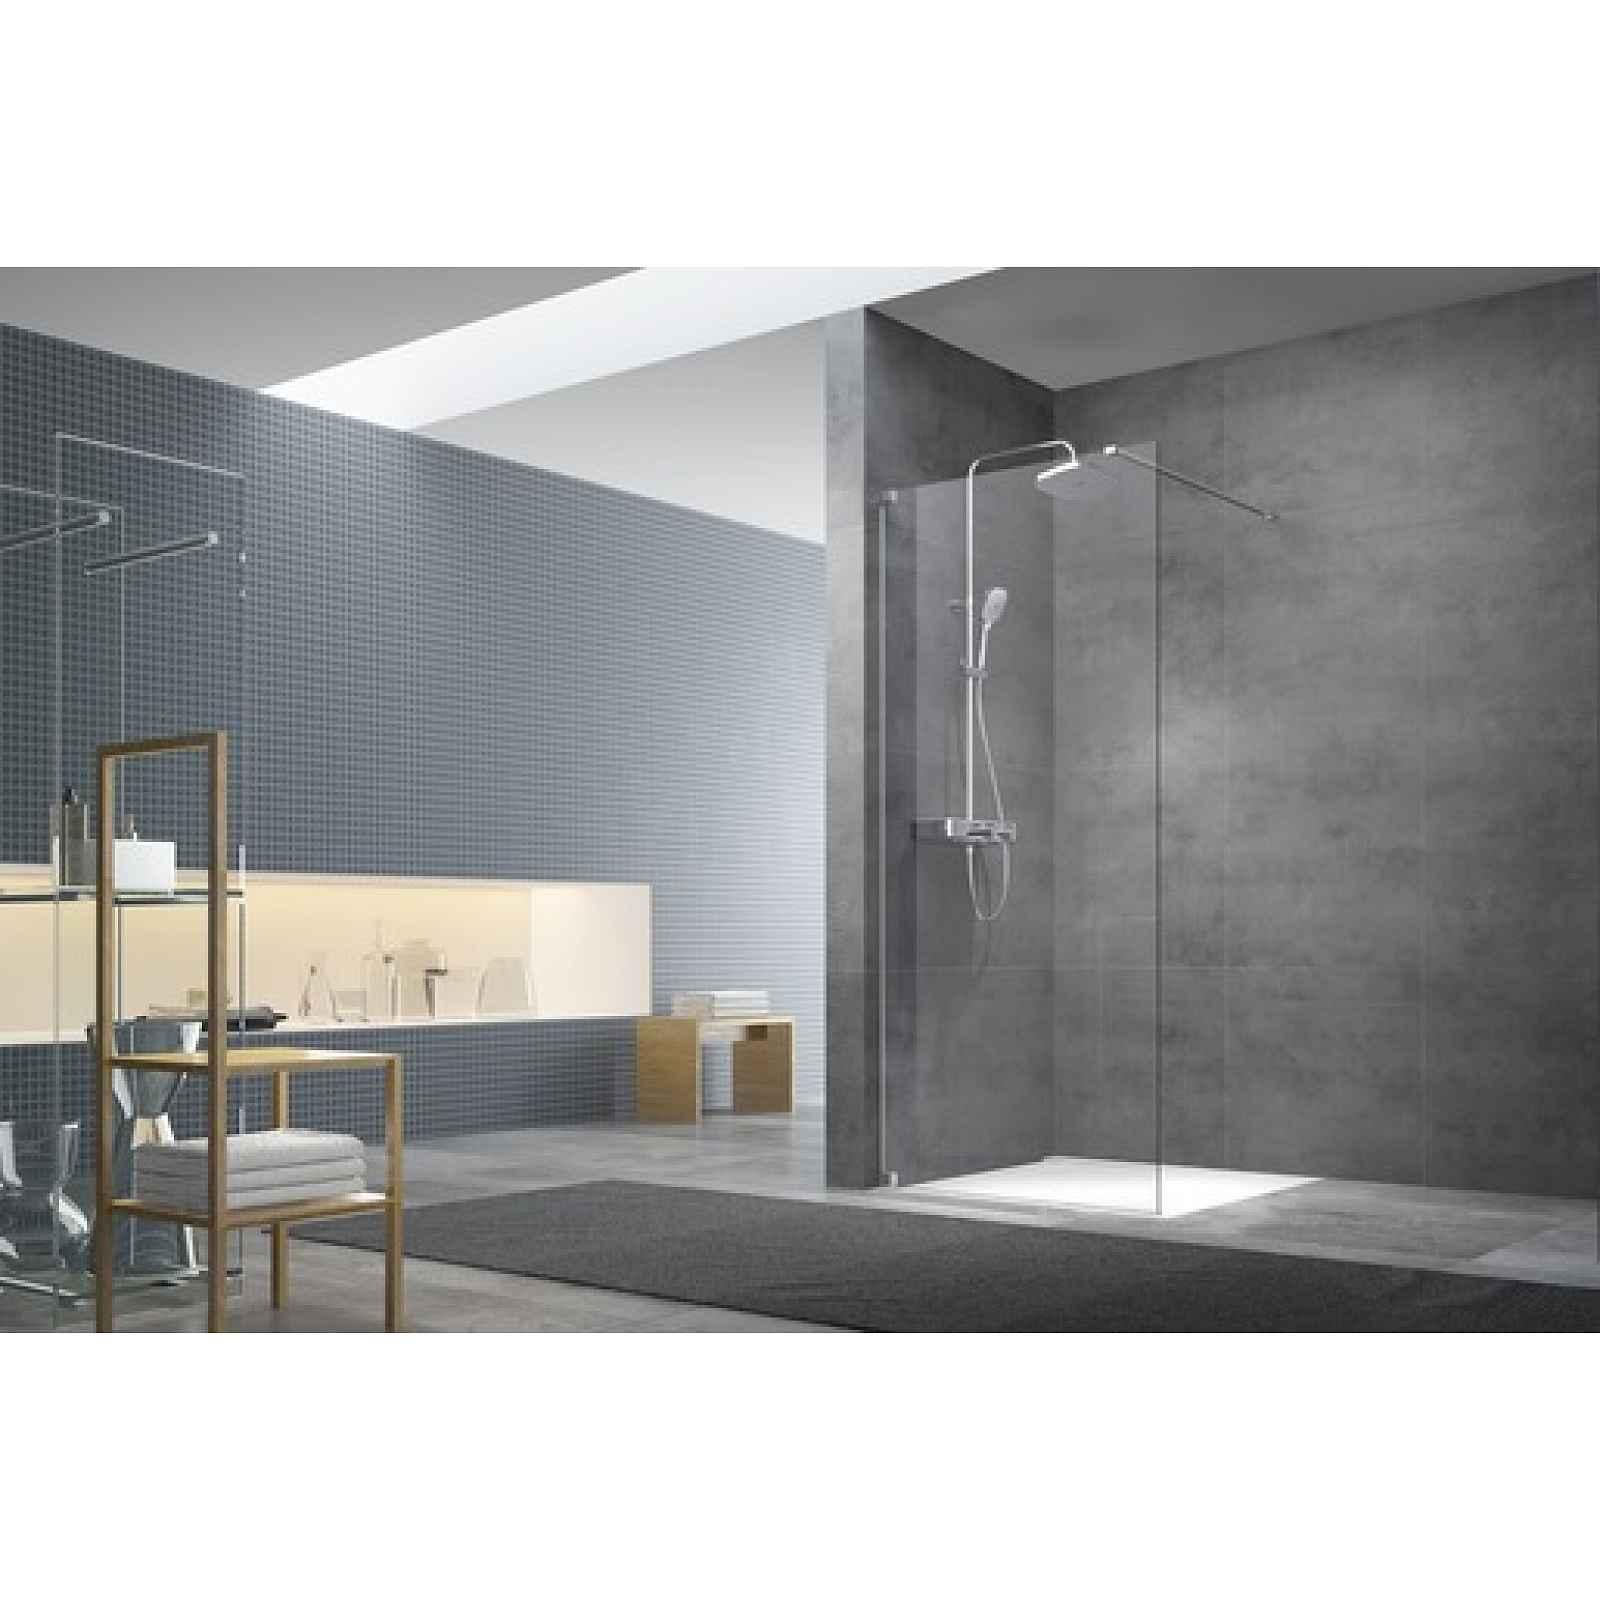 Sprchová zástěna walk-in Walk-In / dveře 120 cm s panty a zavětrováním Swiss Aqua Technologies Walk-in SATBWI120PA